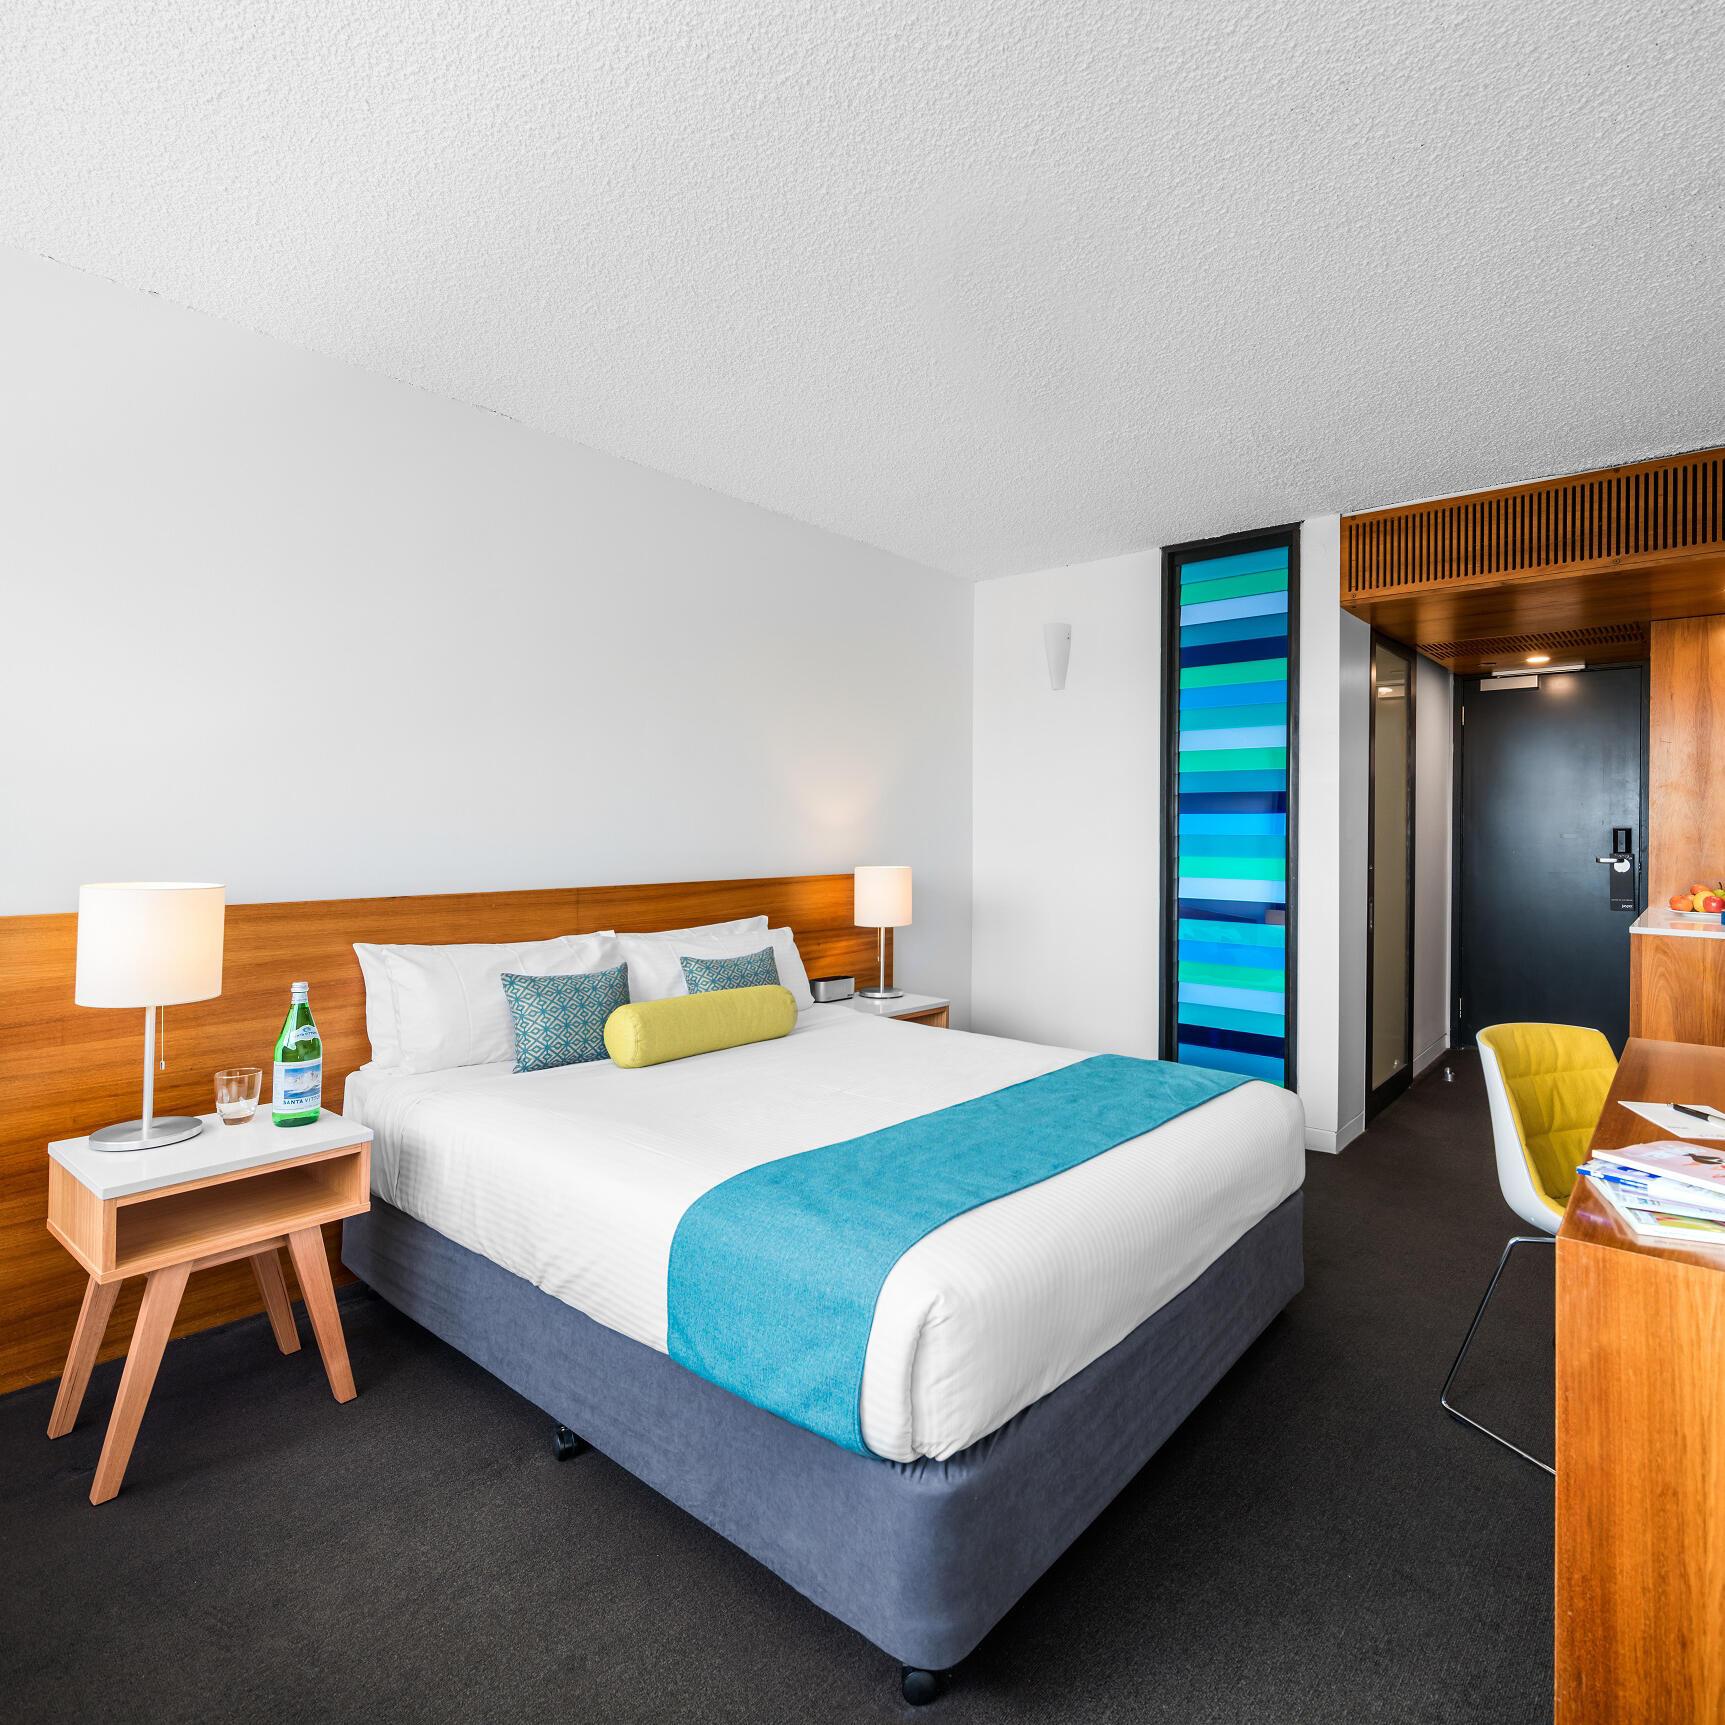 Deluxe Queen Room at Jasper Hotel Melbourne